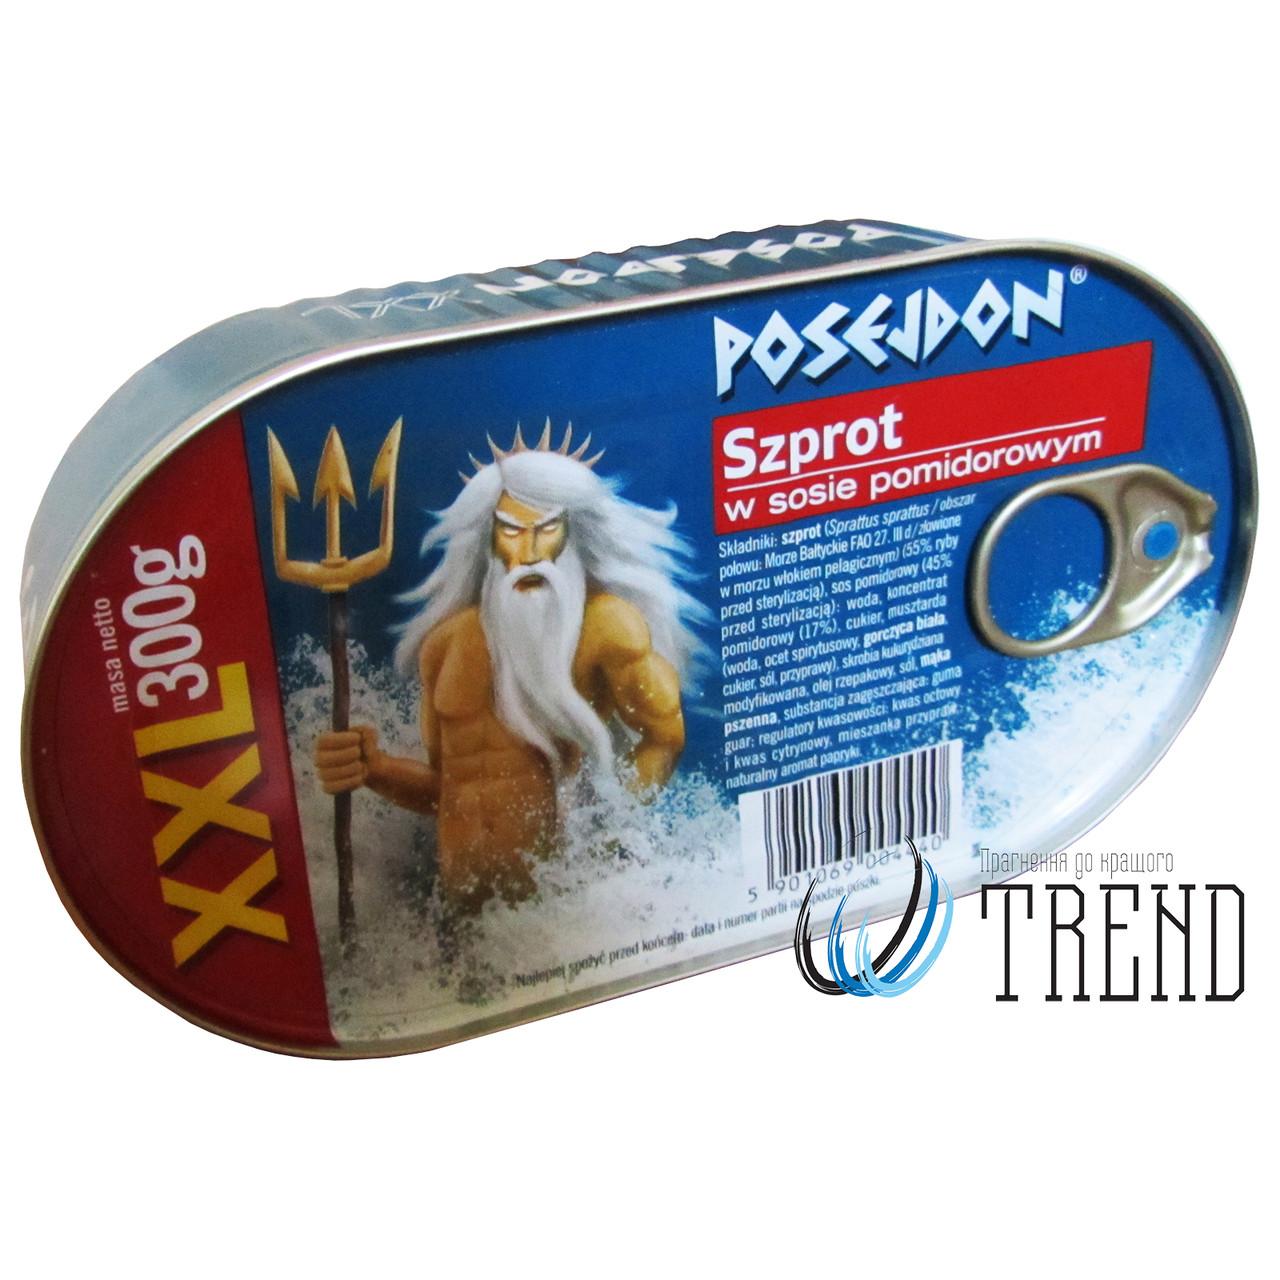 Poseidon шпроти в томатному соусі 300 гр.